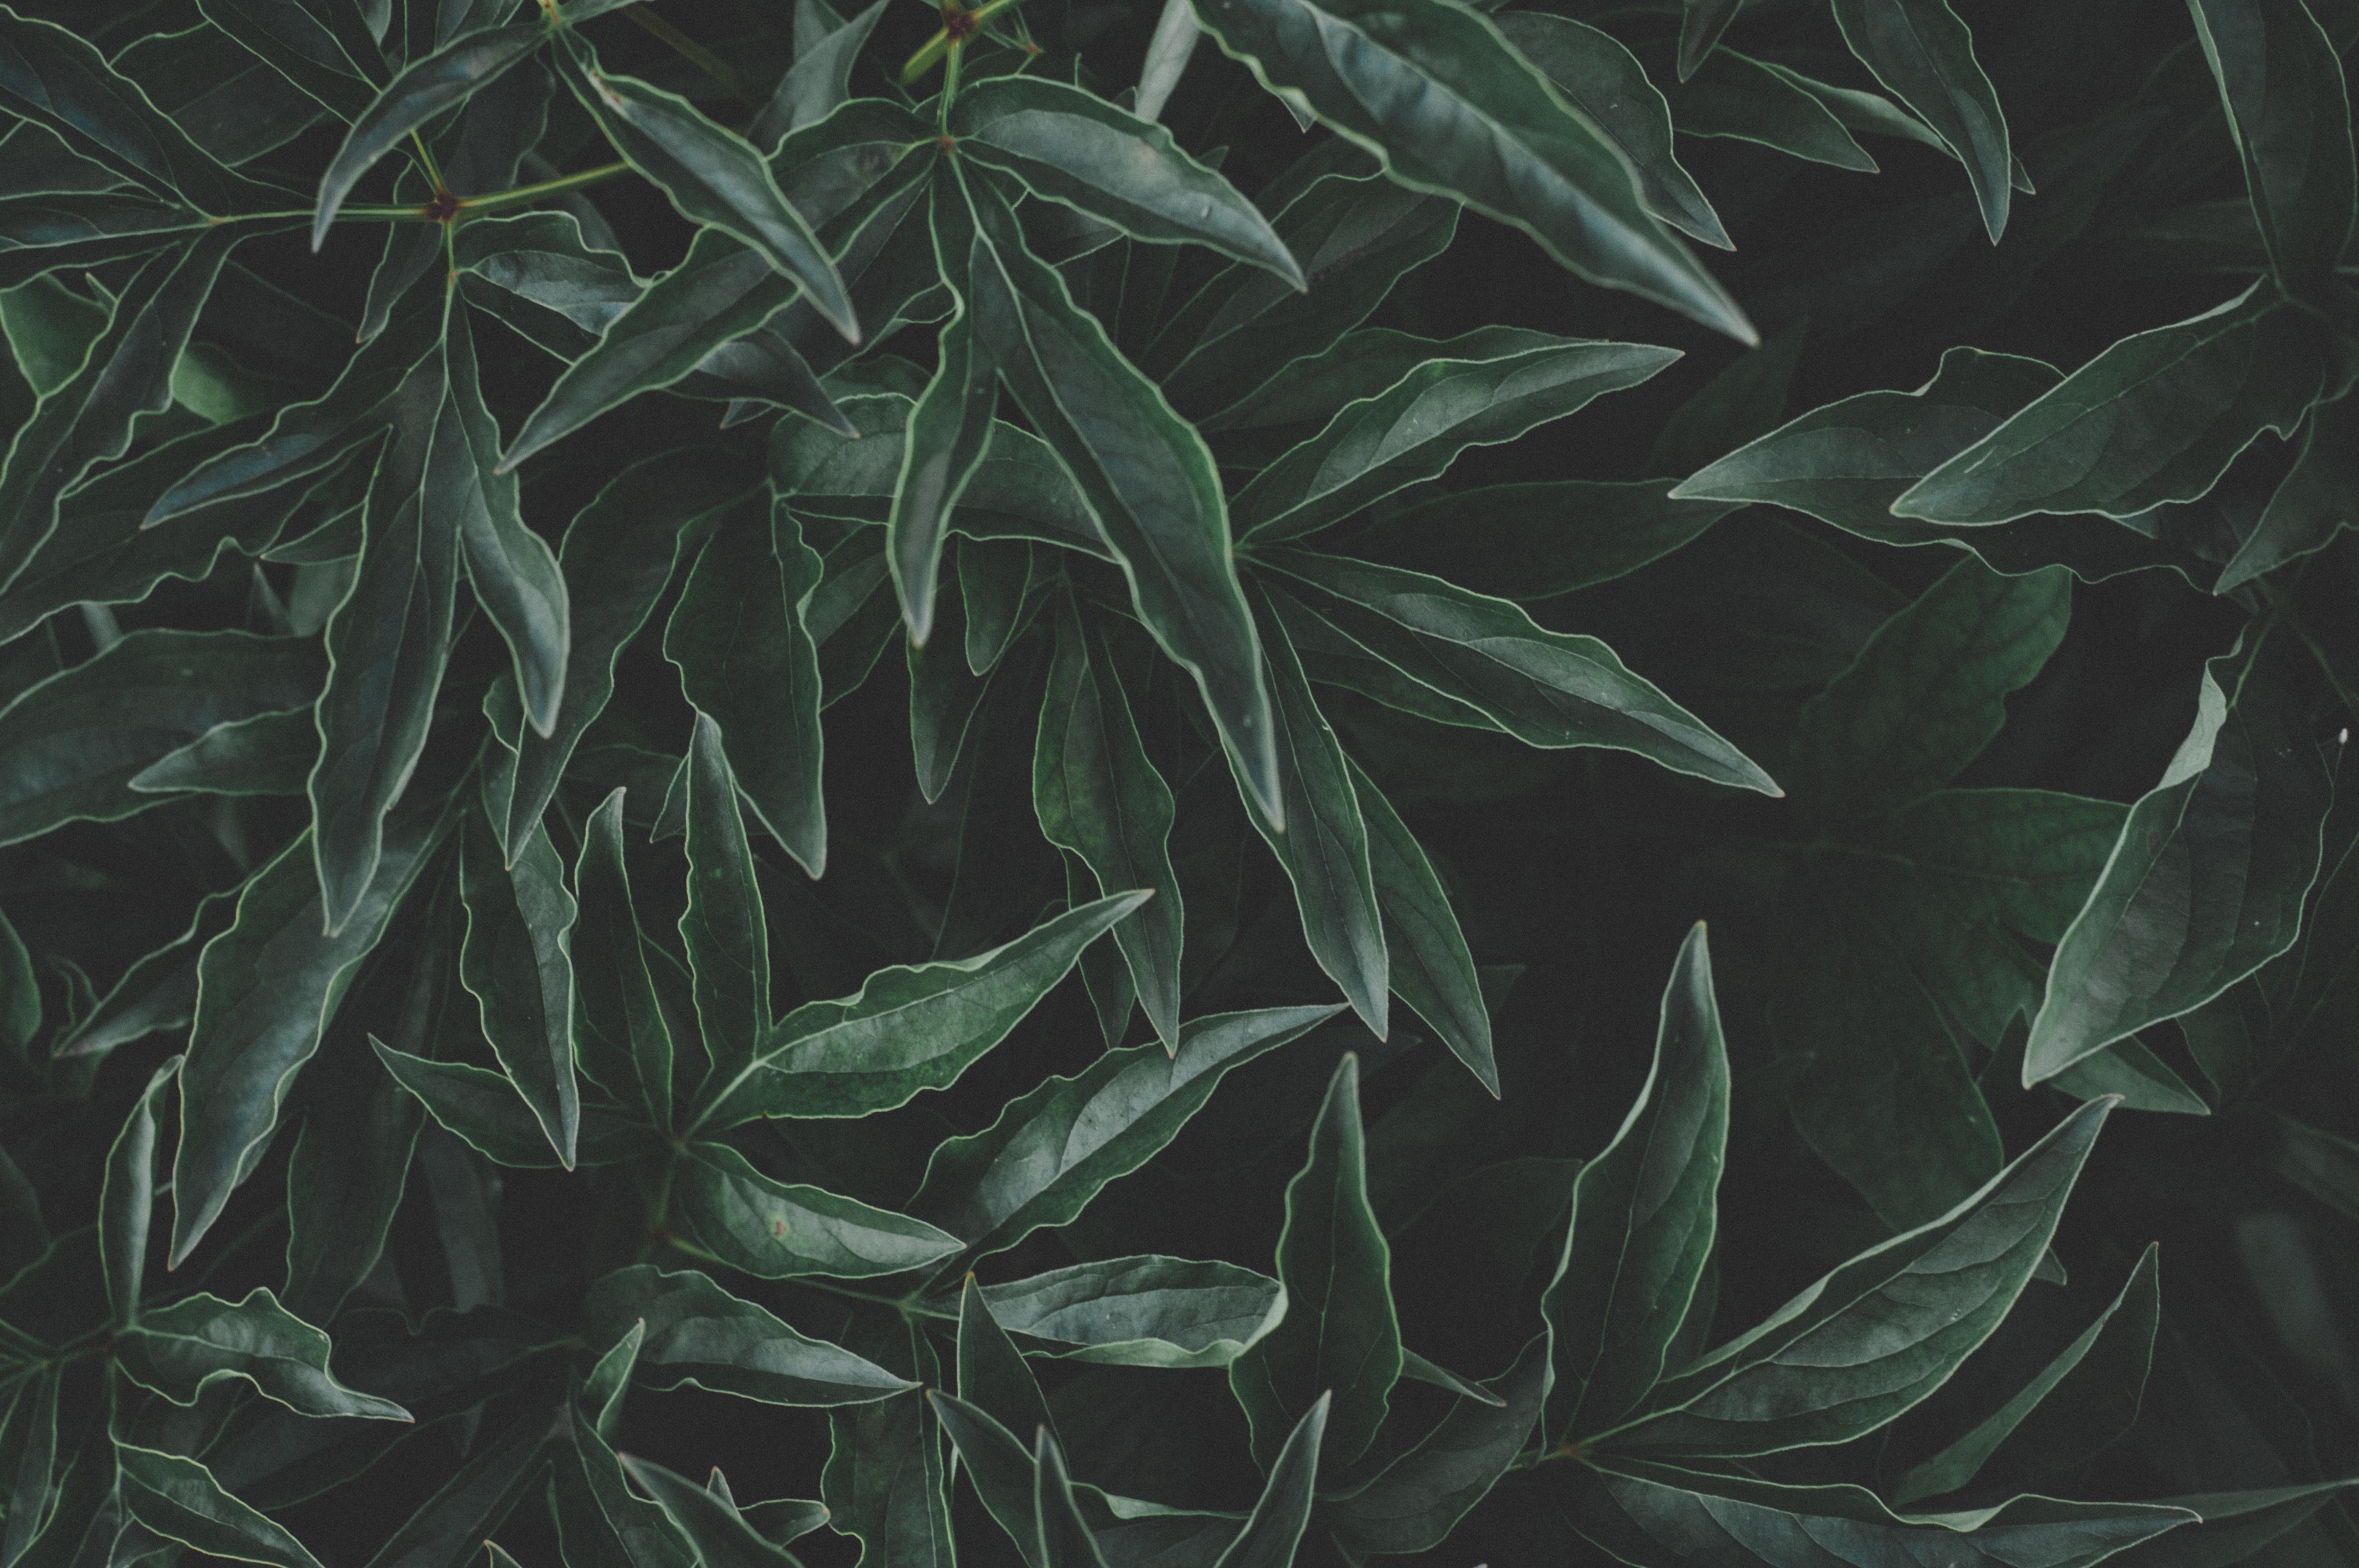 Gambar 4k Wallpaper Indah Merapatkan Warna Gelap